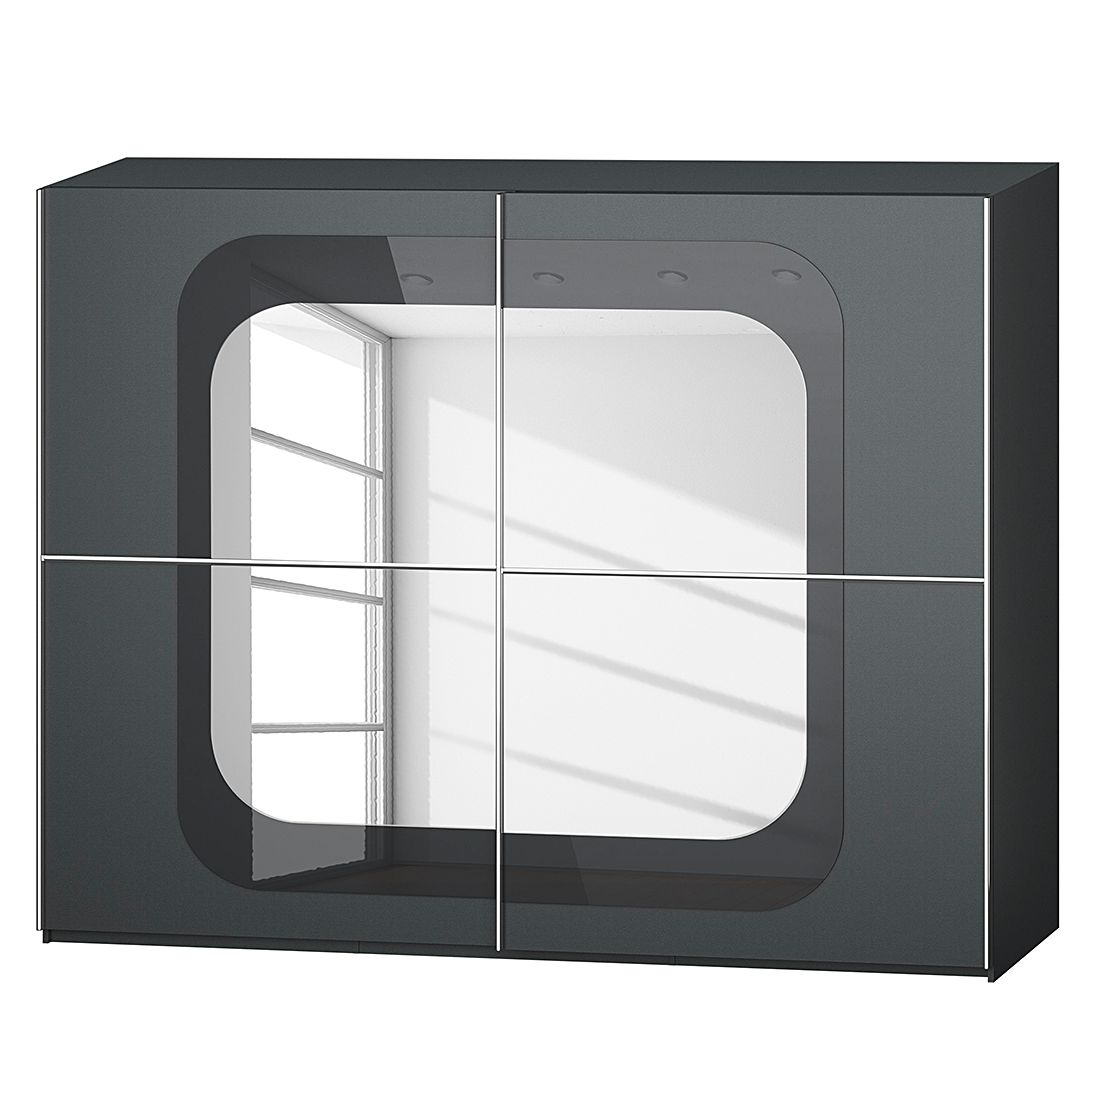 goedkoop Schuifdeurkast Lumos Grafietkleurig basalt 270cm 2 deurs 236cm Rauch Dialog